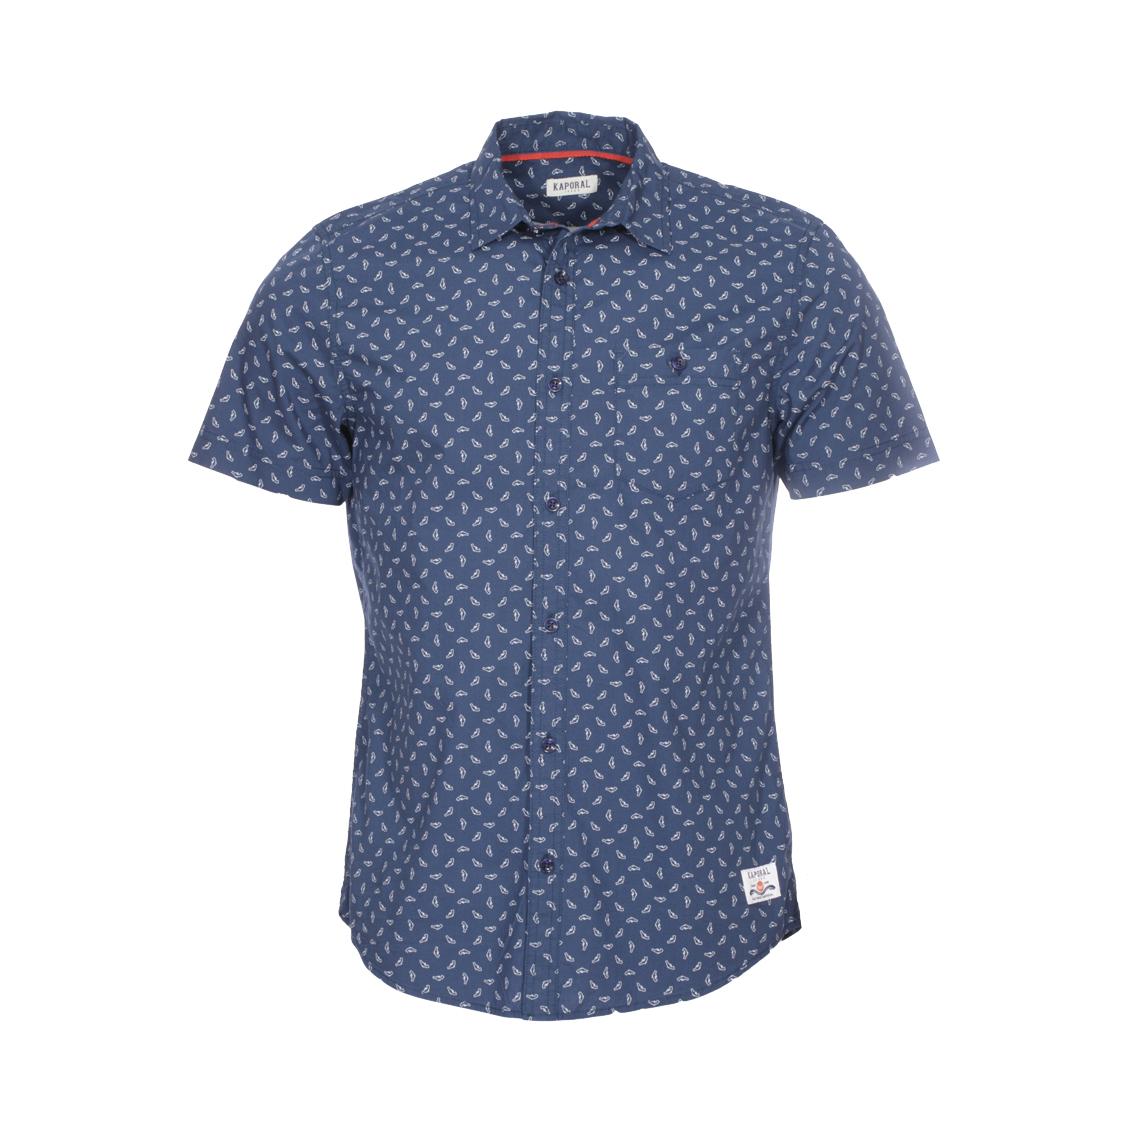 Chemise ajustée manches courtes  pan en coton bleu marine à imprimés pistolets blancs